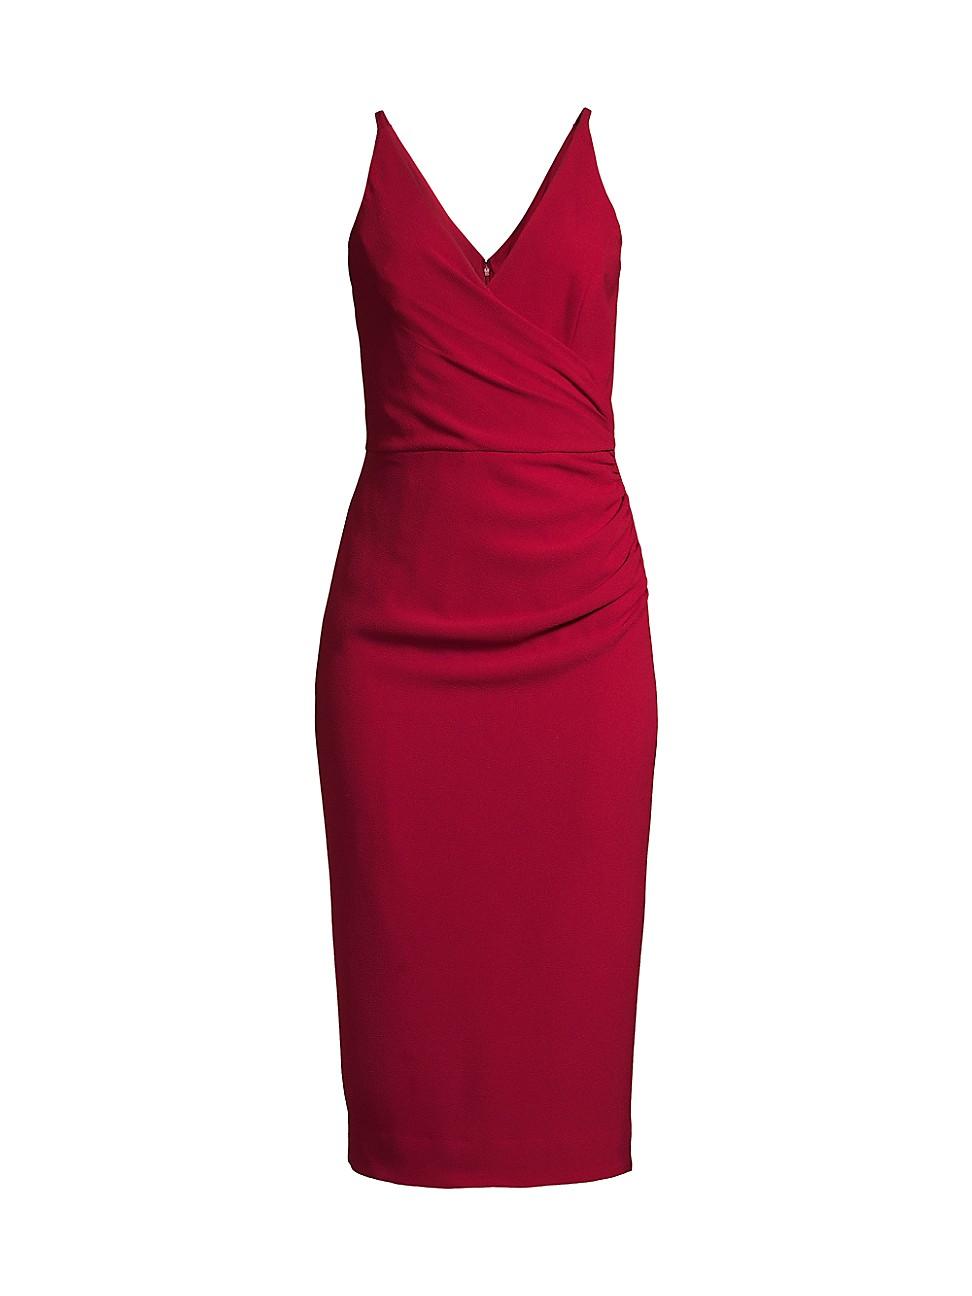 Dress The Population WOMEN'S ANITA GATHERED SHEATH DRESS